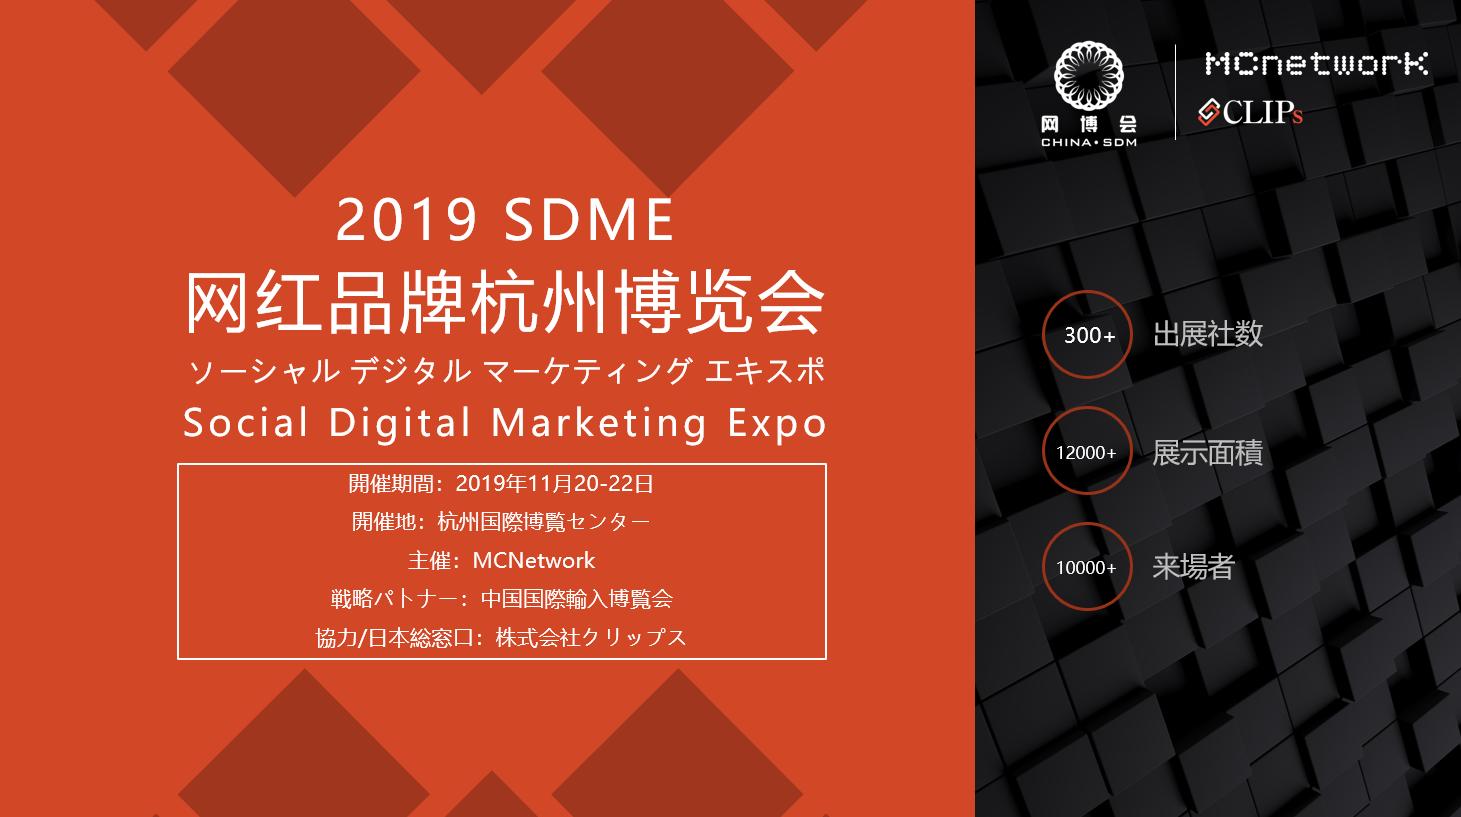 2019 SDME - ソーシャル デジタル マーケティング エキスポ@杭州 開催決定(2019年11月20~22日)